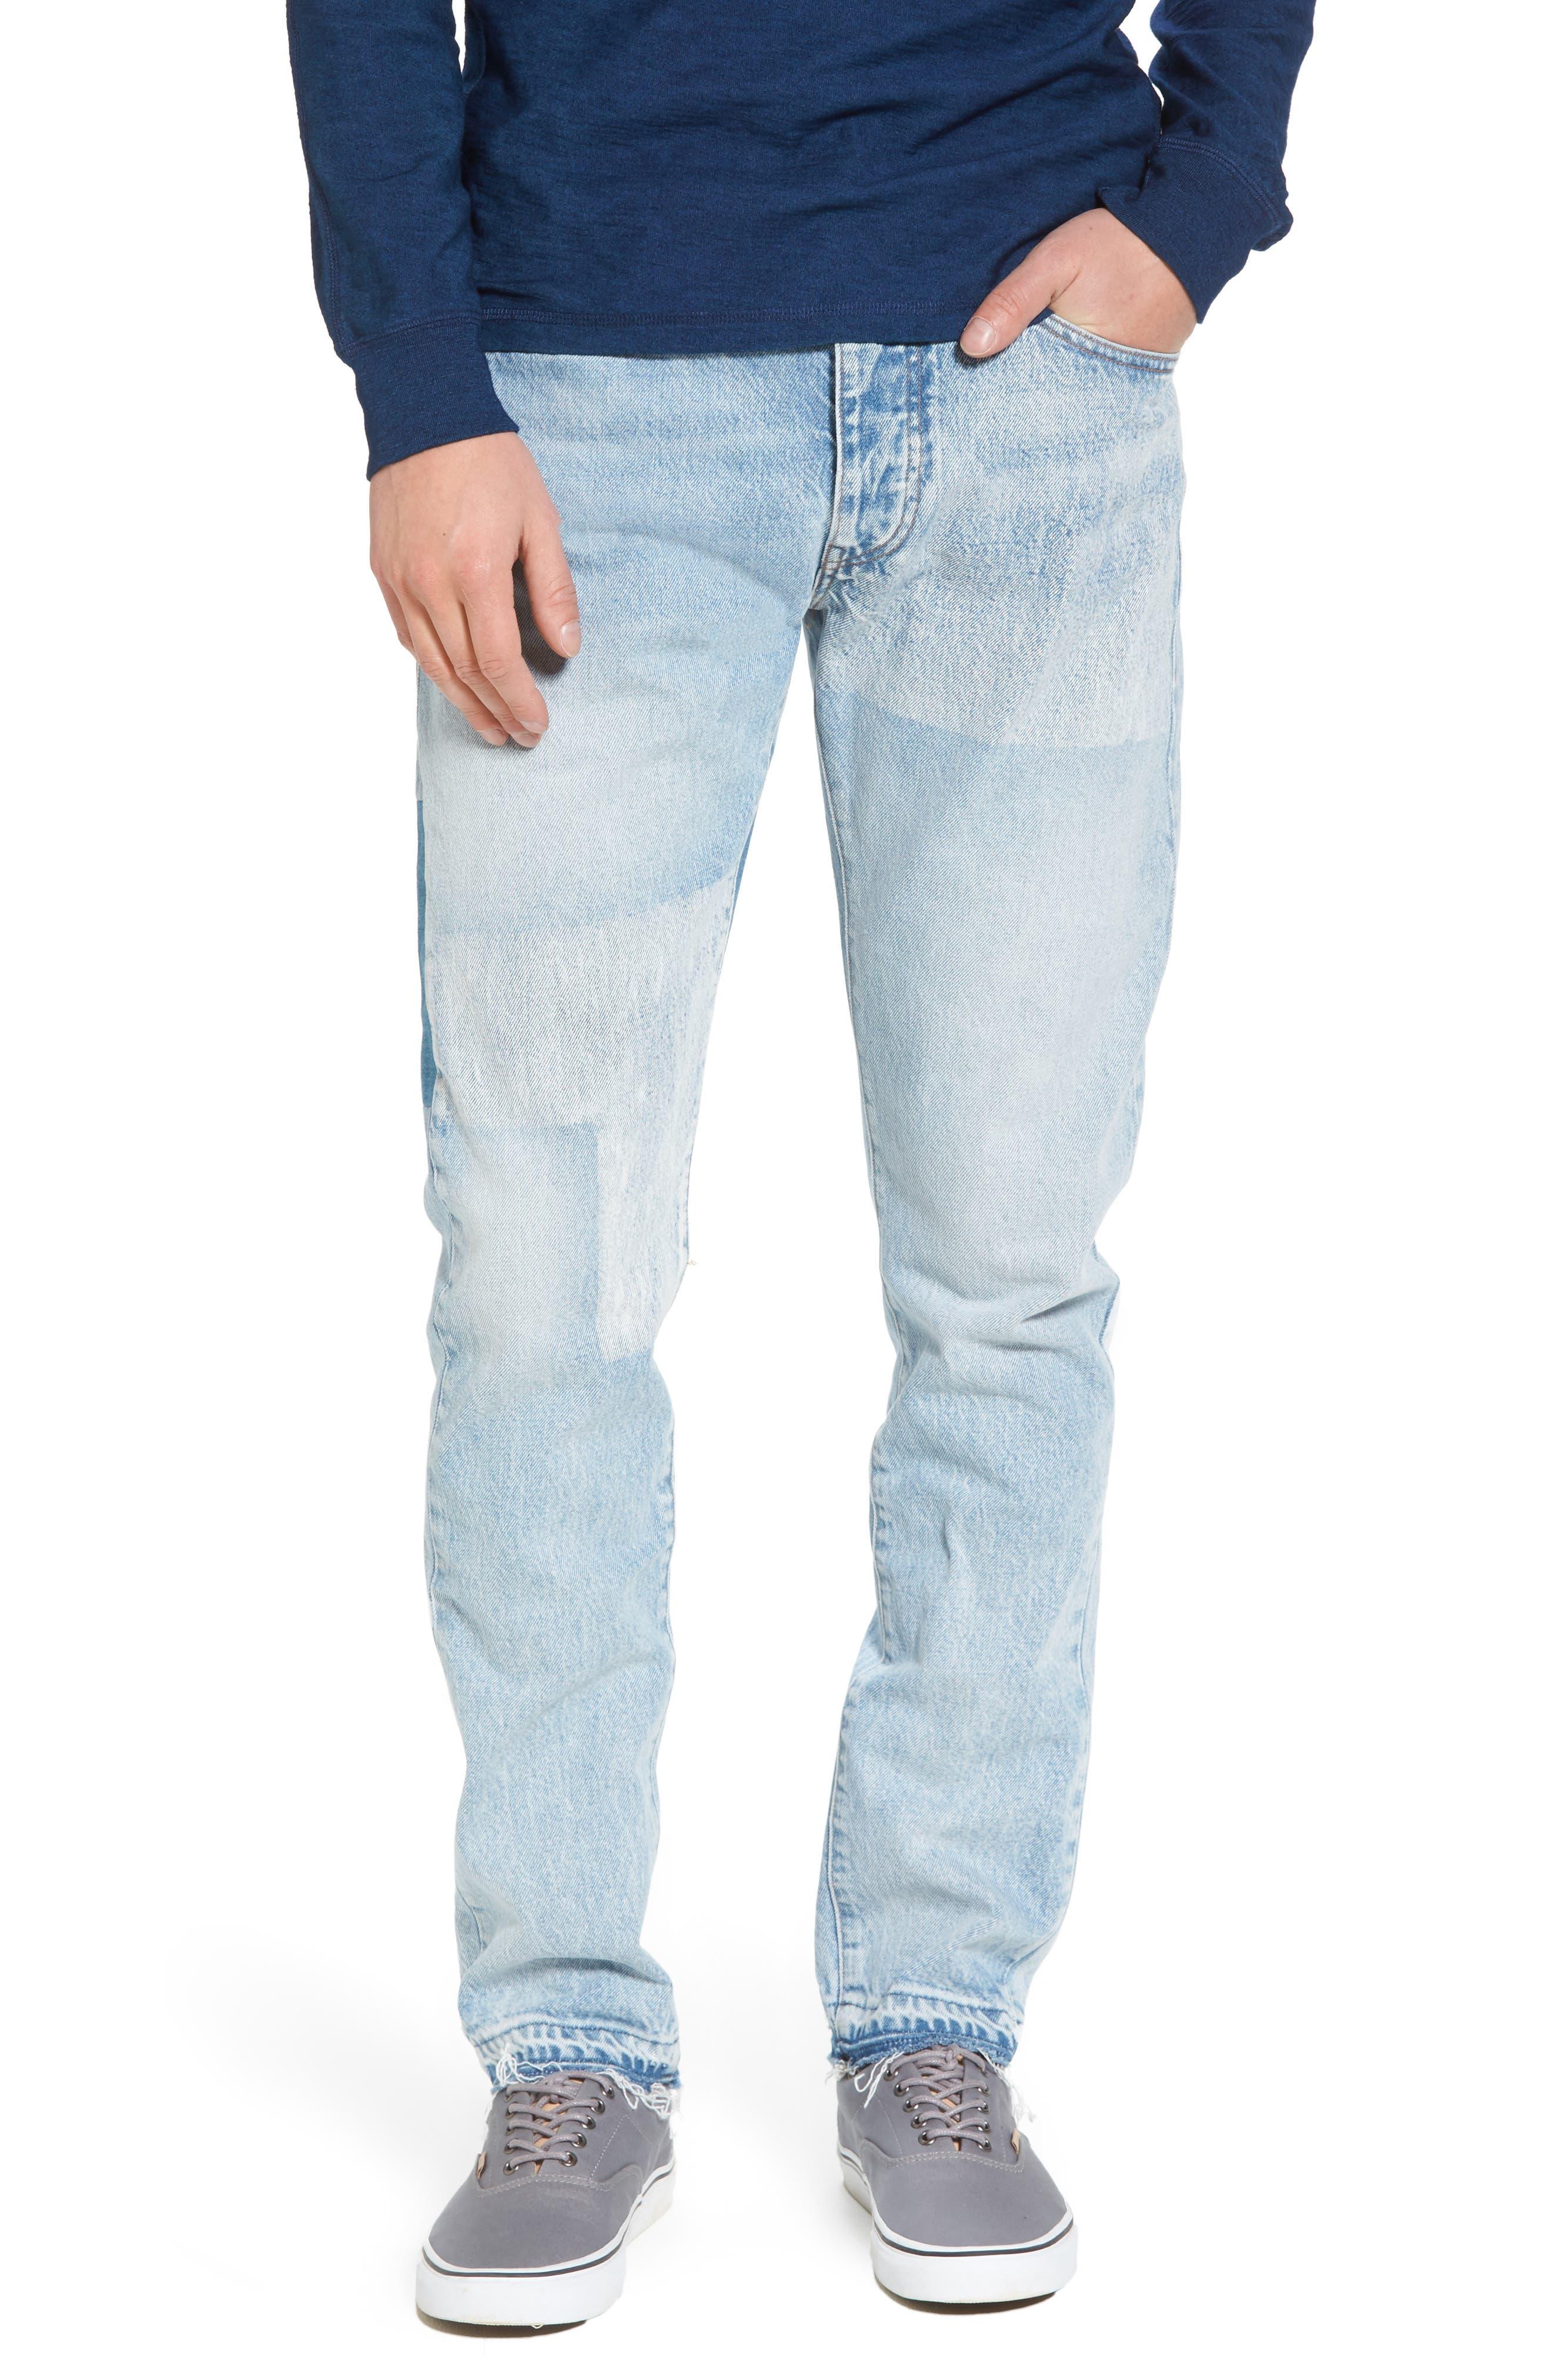 Studio Slim Fit Jeans,                             Main thumbnail 1, color,